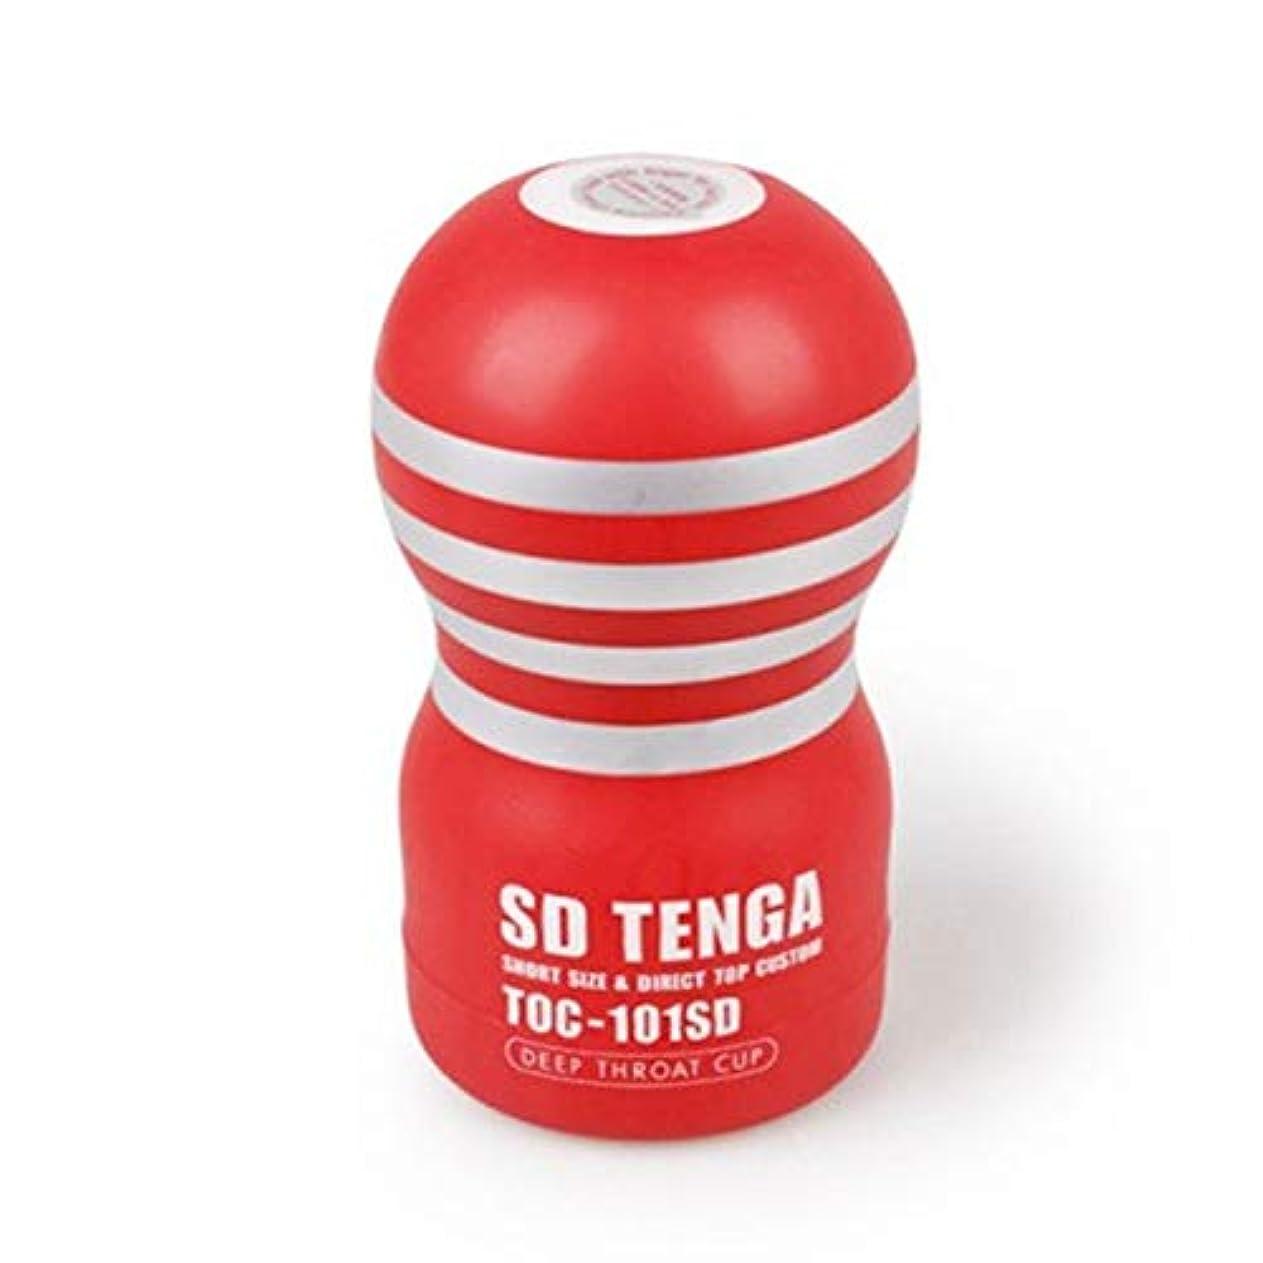 適用するずっと押すRabugoo 大人のおもちゃ 再利用可能な真空セックスカップソフトシリコン膣リアルプッシーセクシーなポケット男性オナニーカップ大人のおもちゃ TOC-101SDスモールレッド